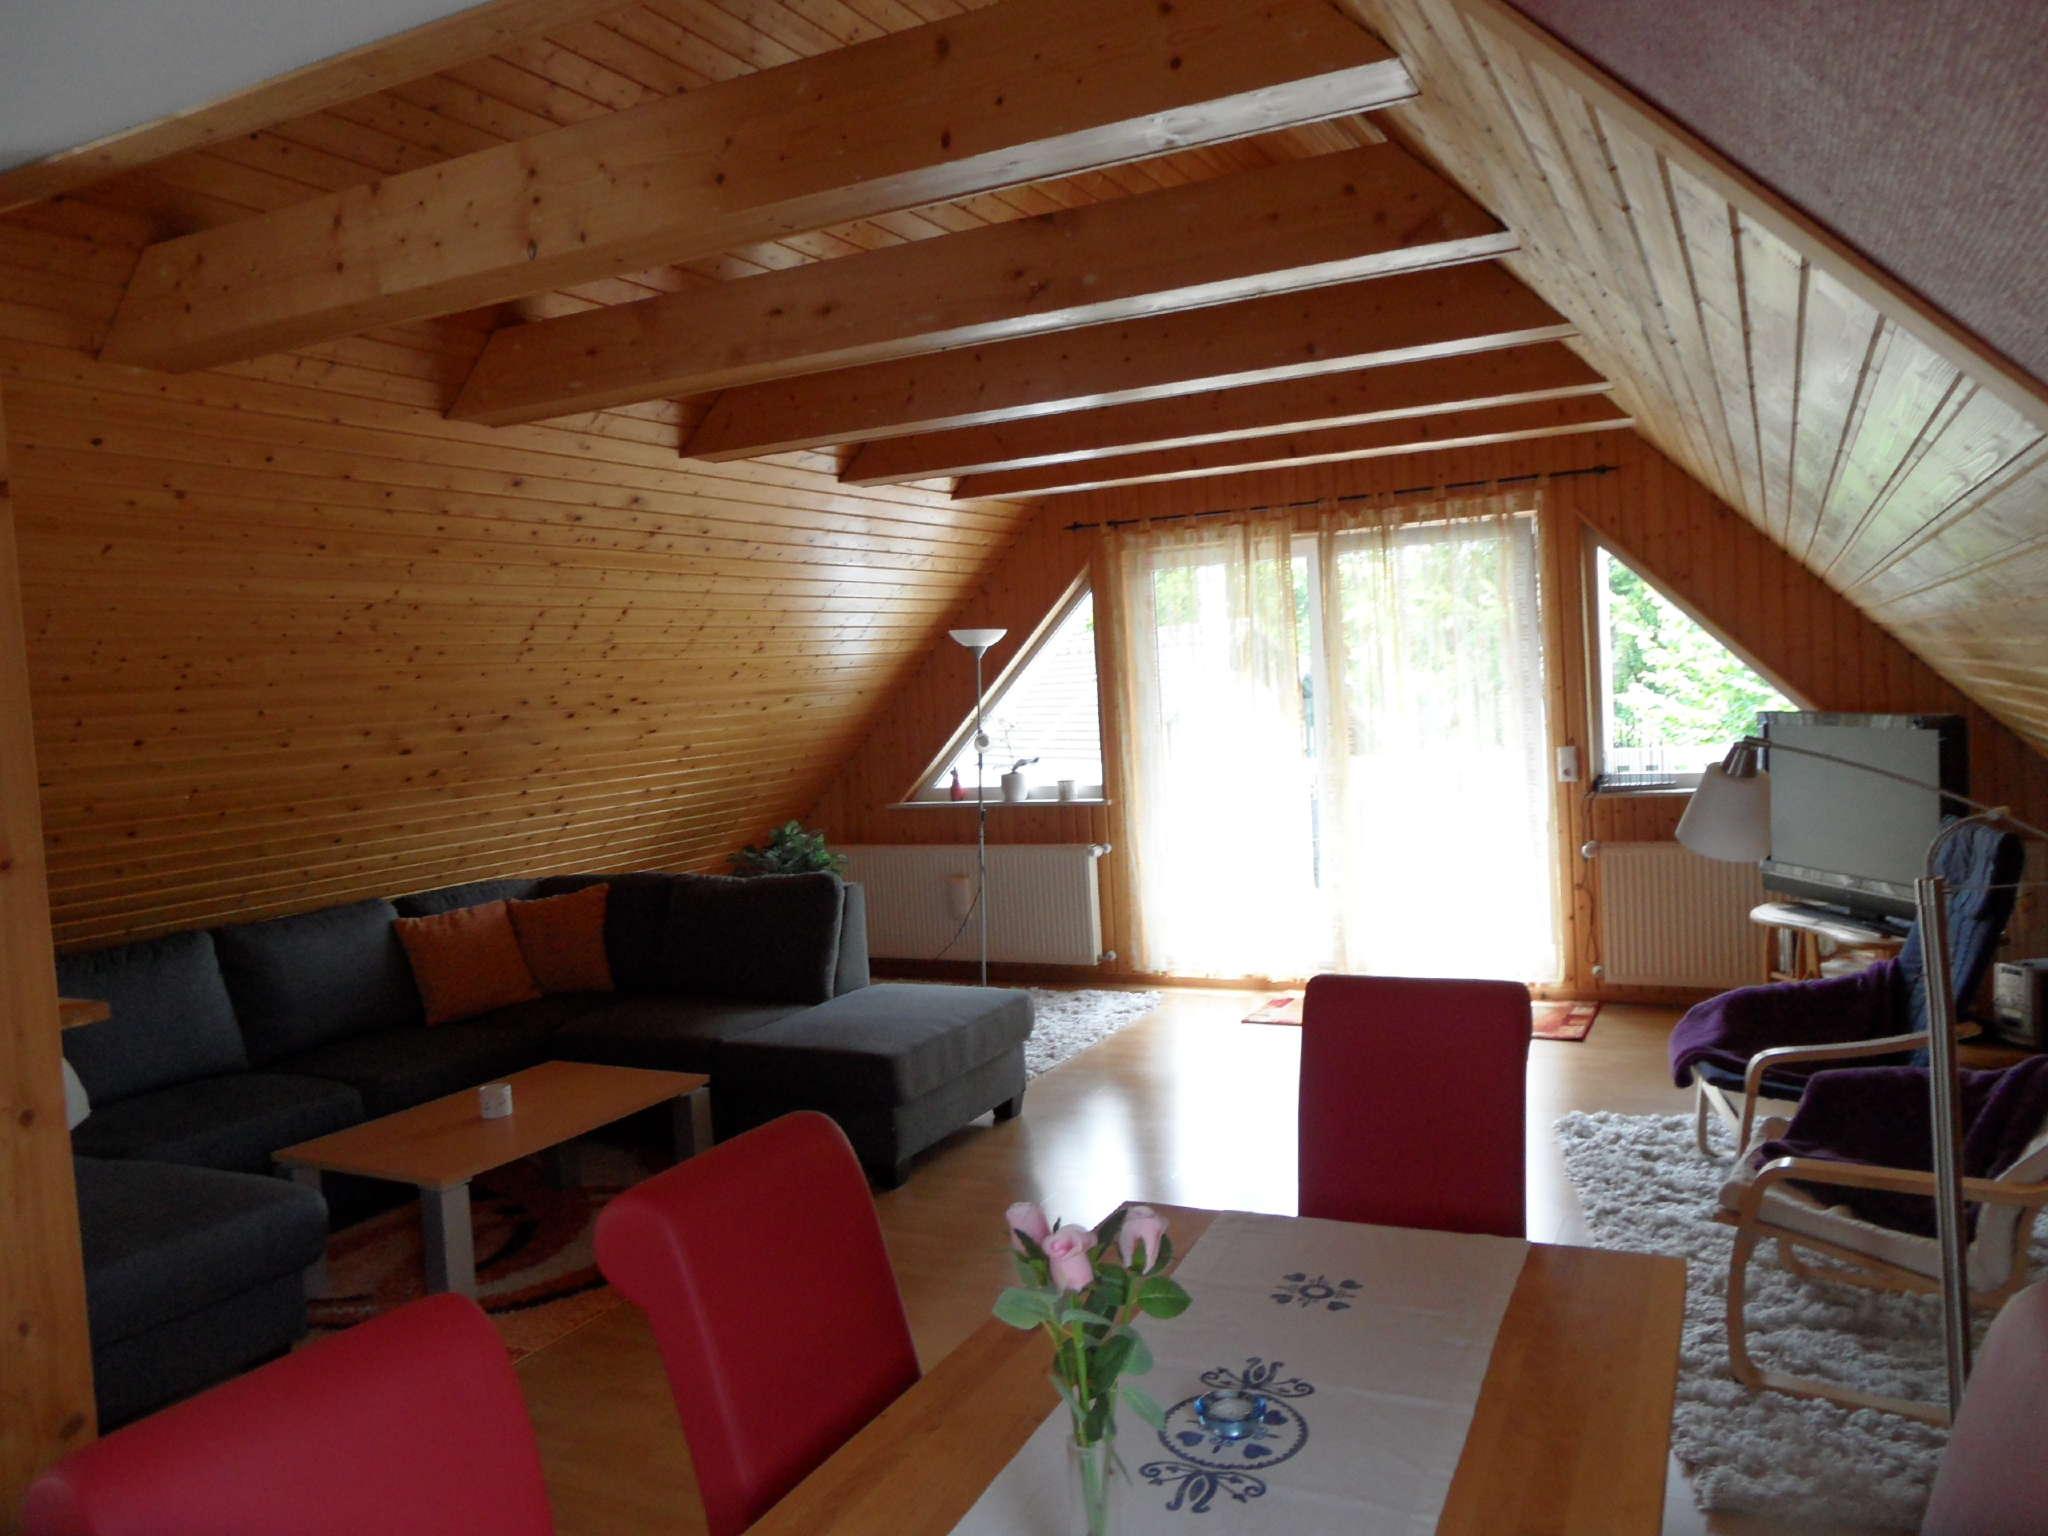 W5 Teilansicht Wohnraum - Küche